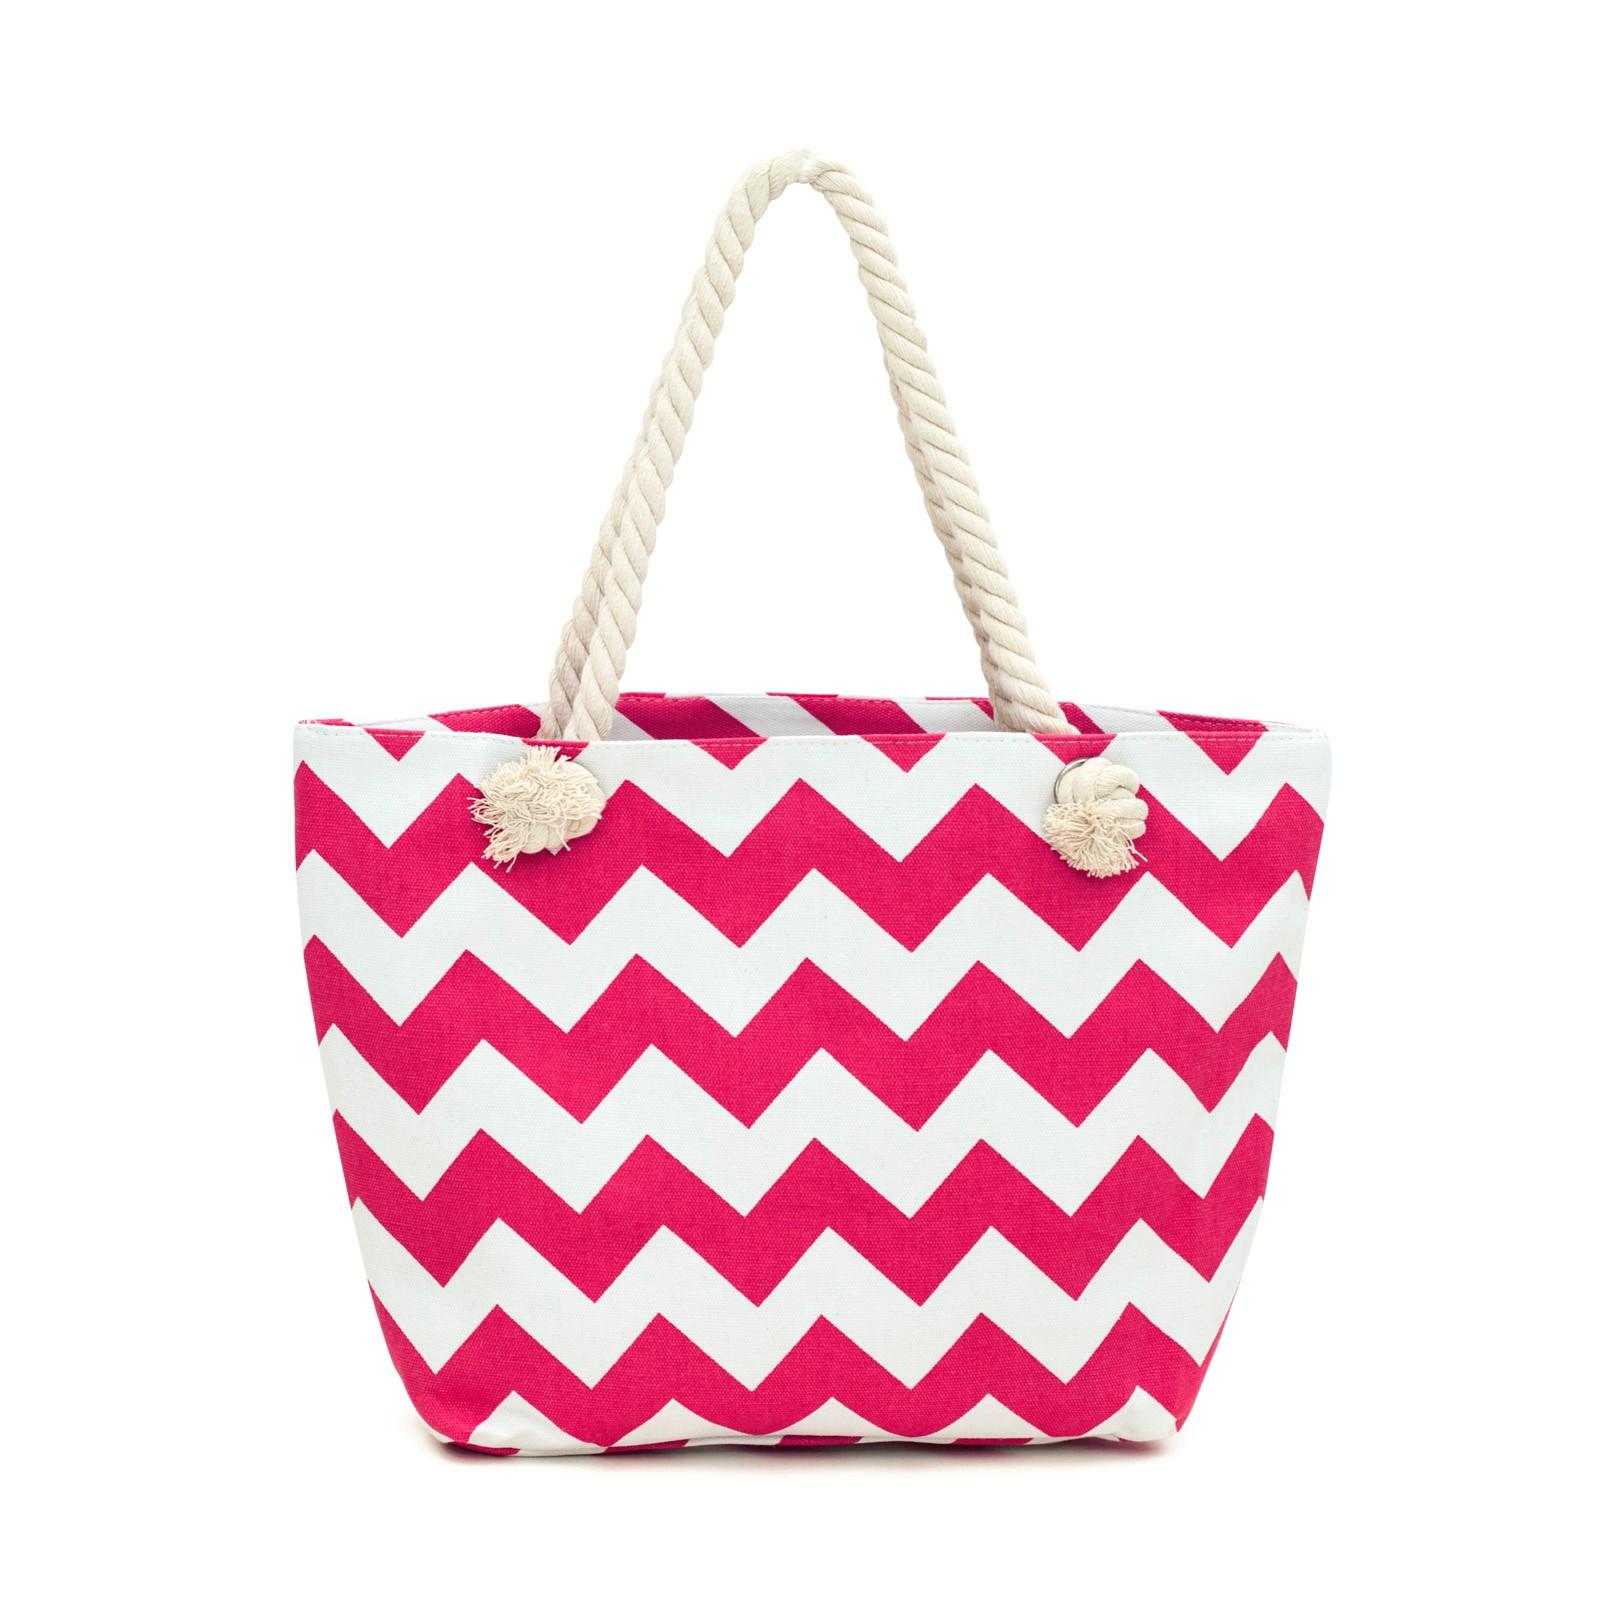 textilni-kabelka-ruzovo-bila-cik-cak-vzor